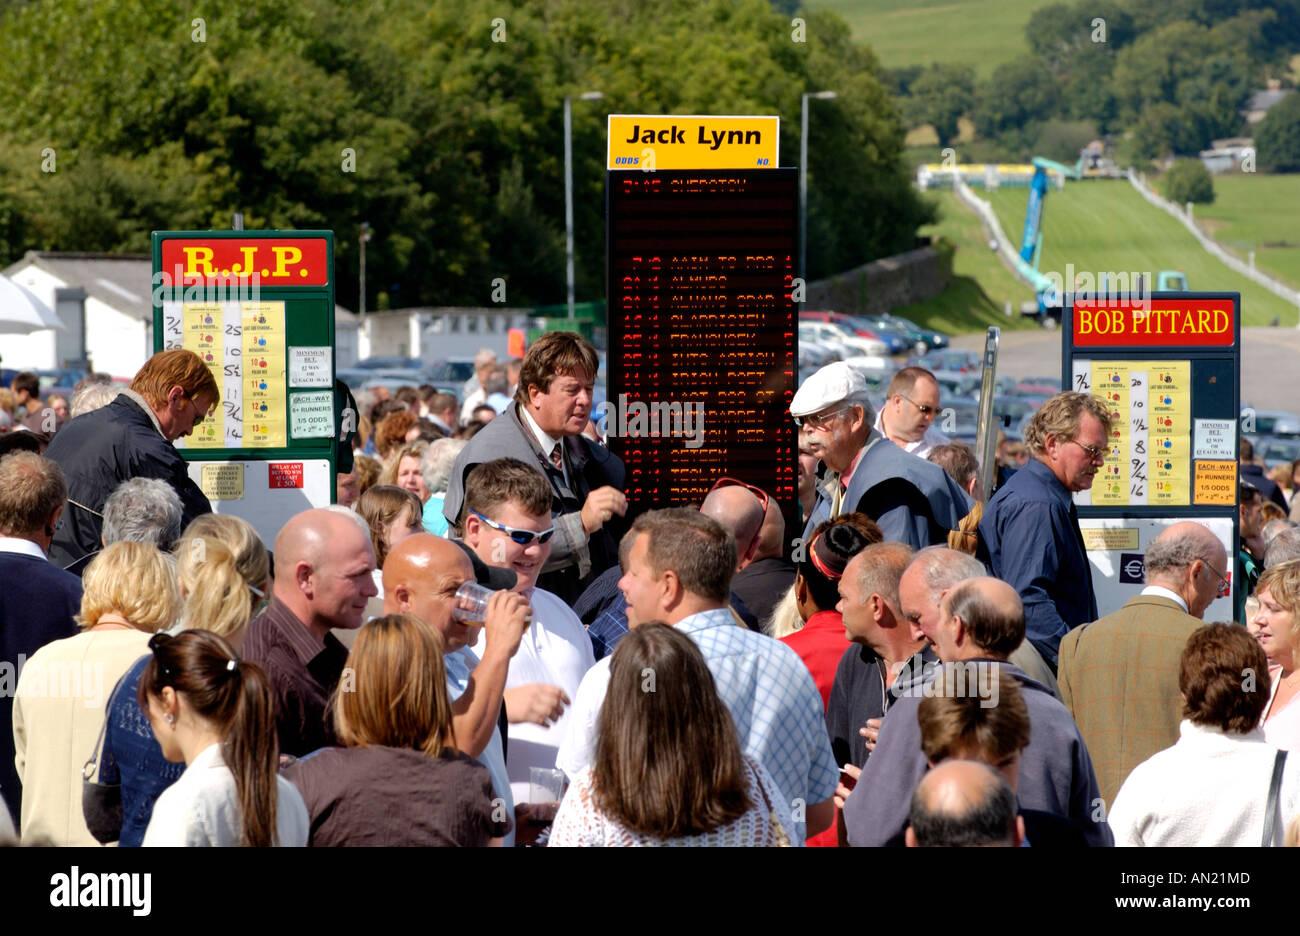 Tomando Apuestas Apuestas en el anillo de apuestas en el Hipódromo de Chepstow Monmouthshire South Wales UK Imagen De Stock